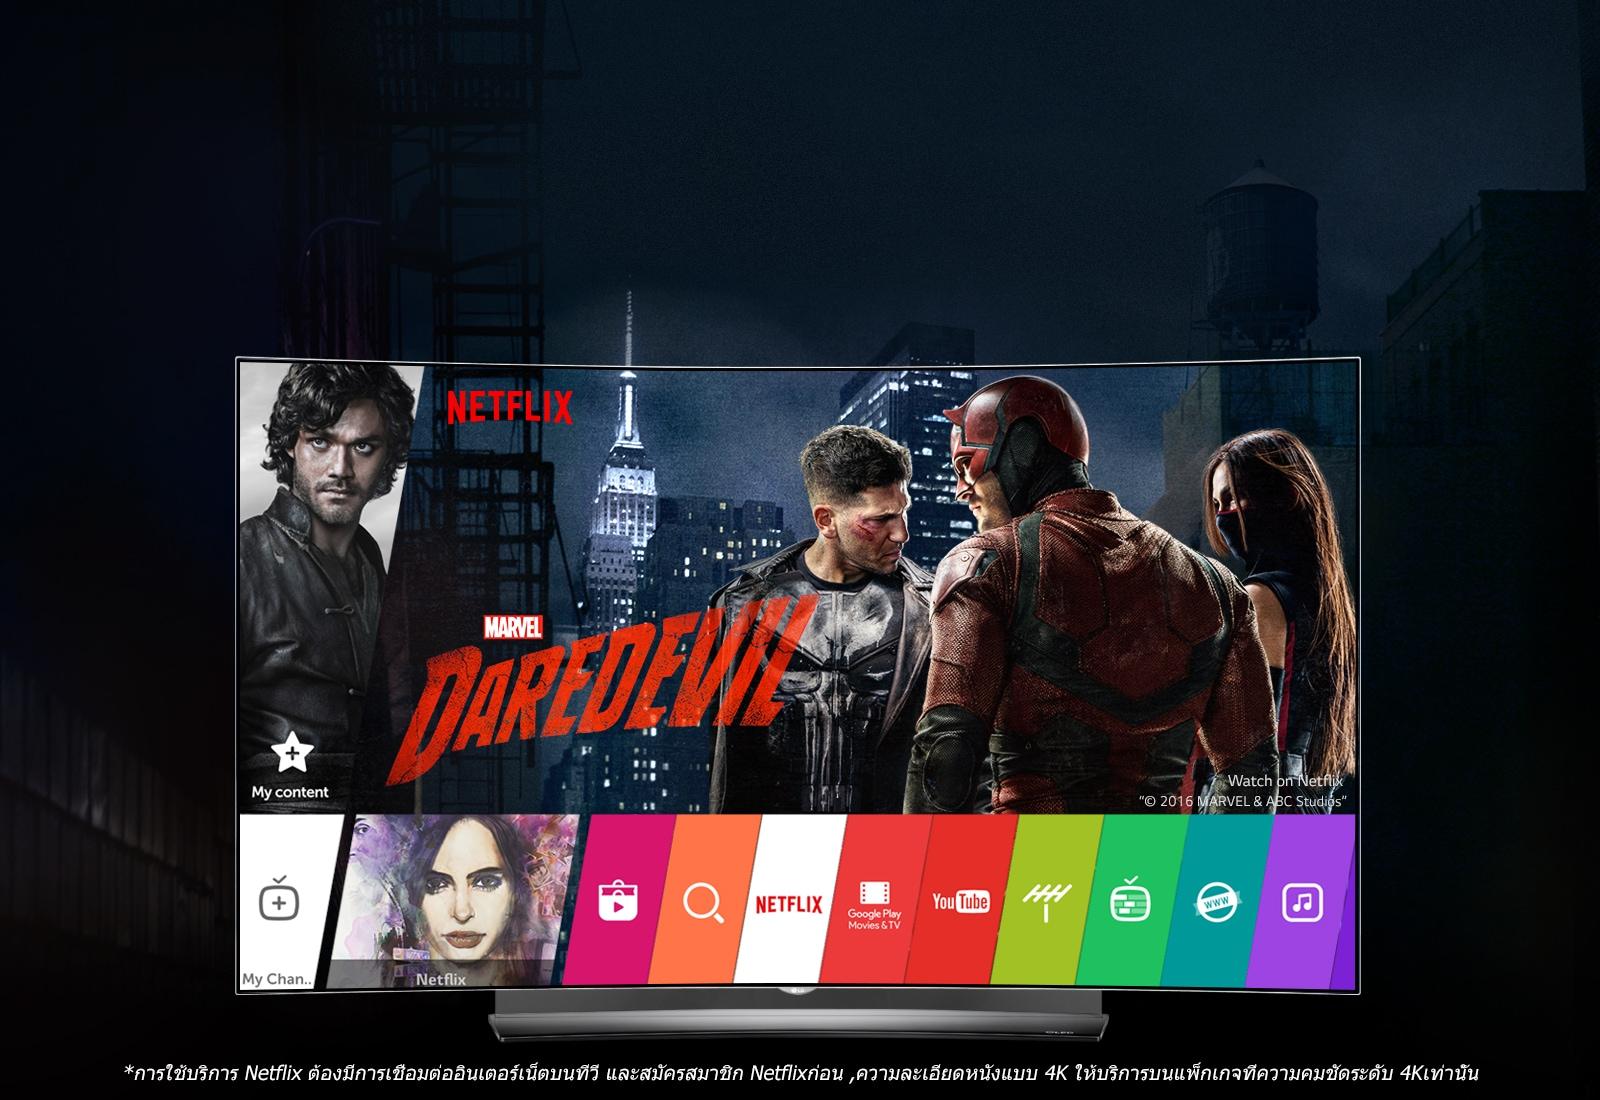 LG OLED TV เหมาะกับการรับชมคอนเทนต์ Netflix ที่สุด